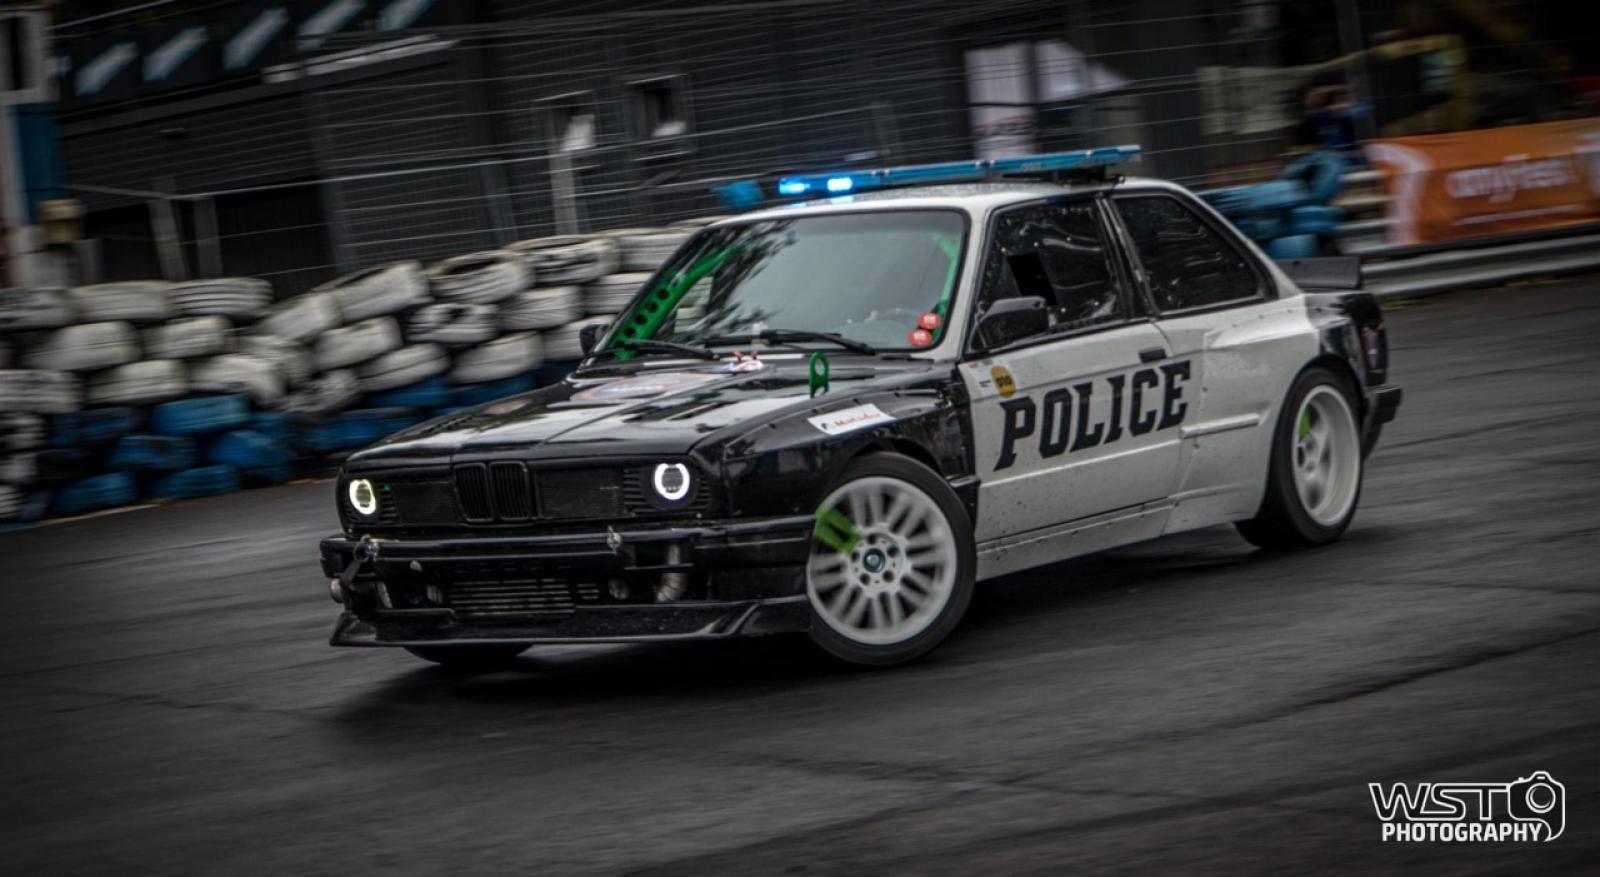 Bmw E30 V8 Turbo - 1